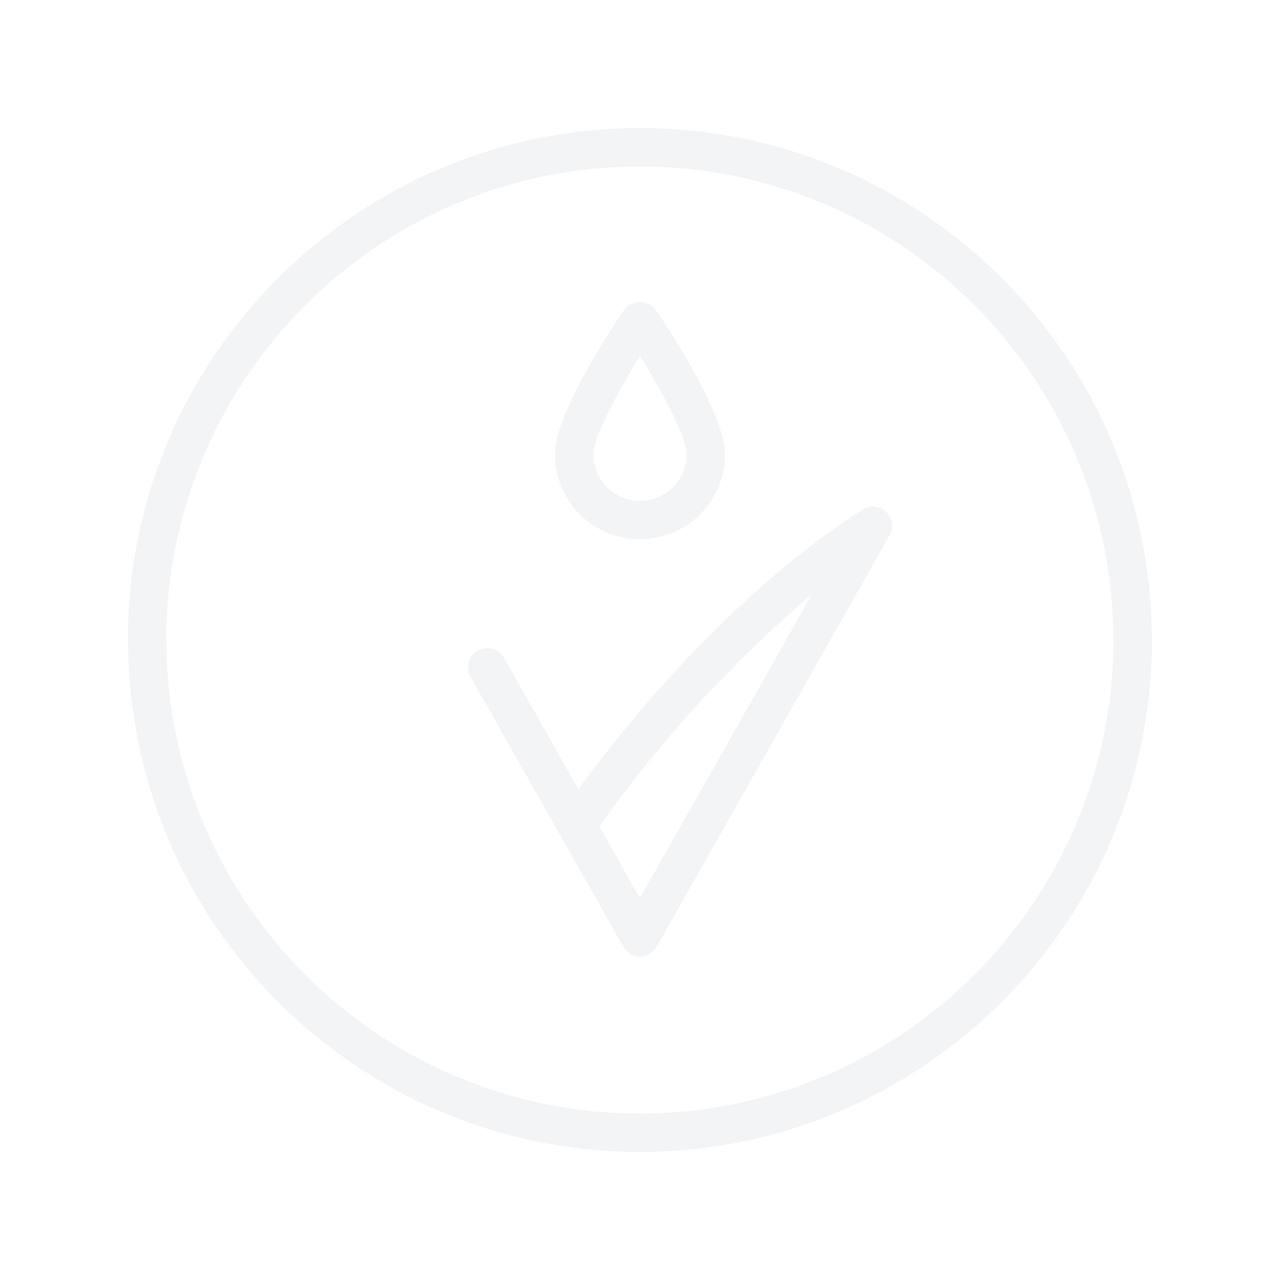 IDUN Minerals Lipstick Krusbär 4g